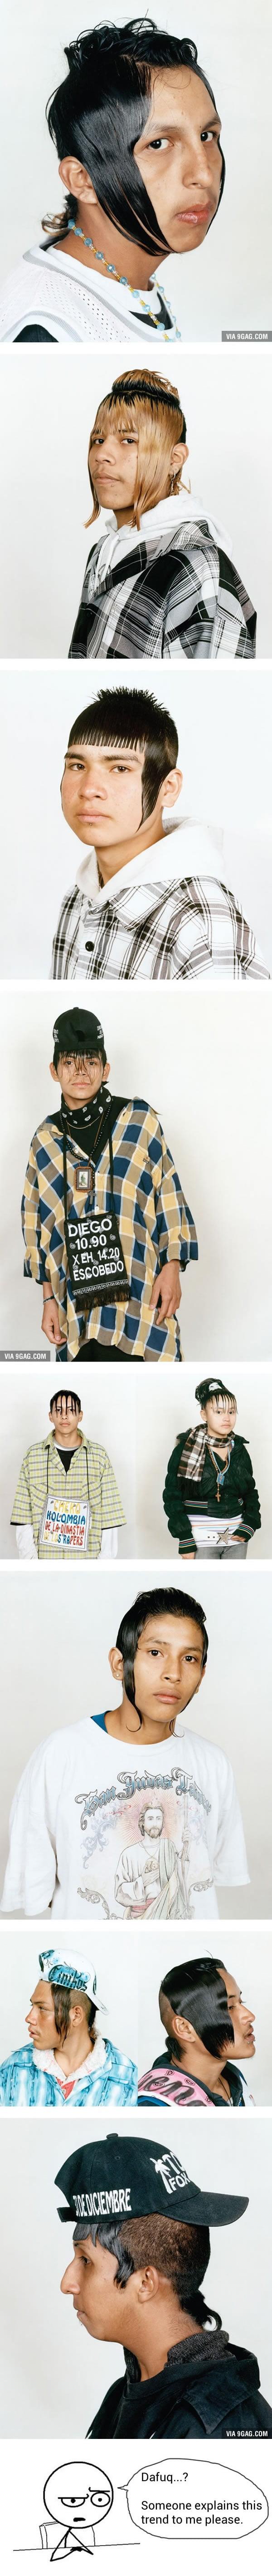 Mexican Urban Teens And Their Haircuts